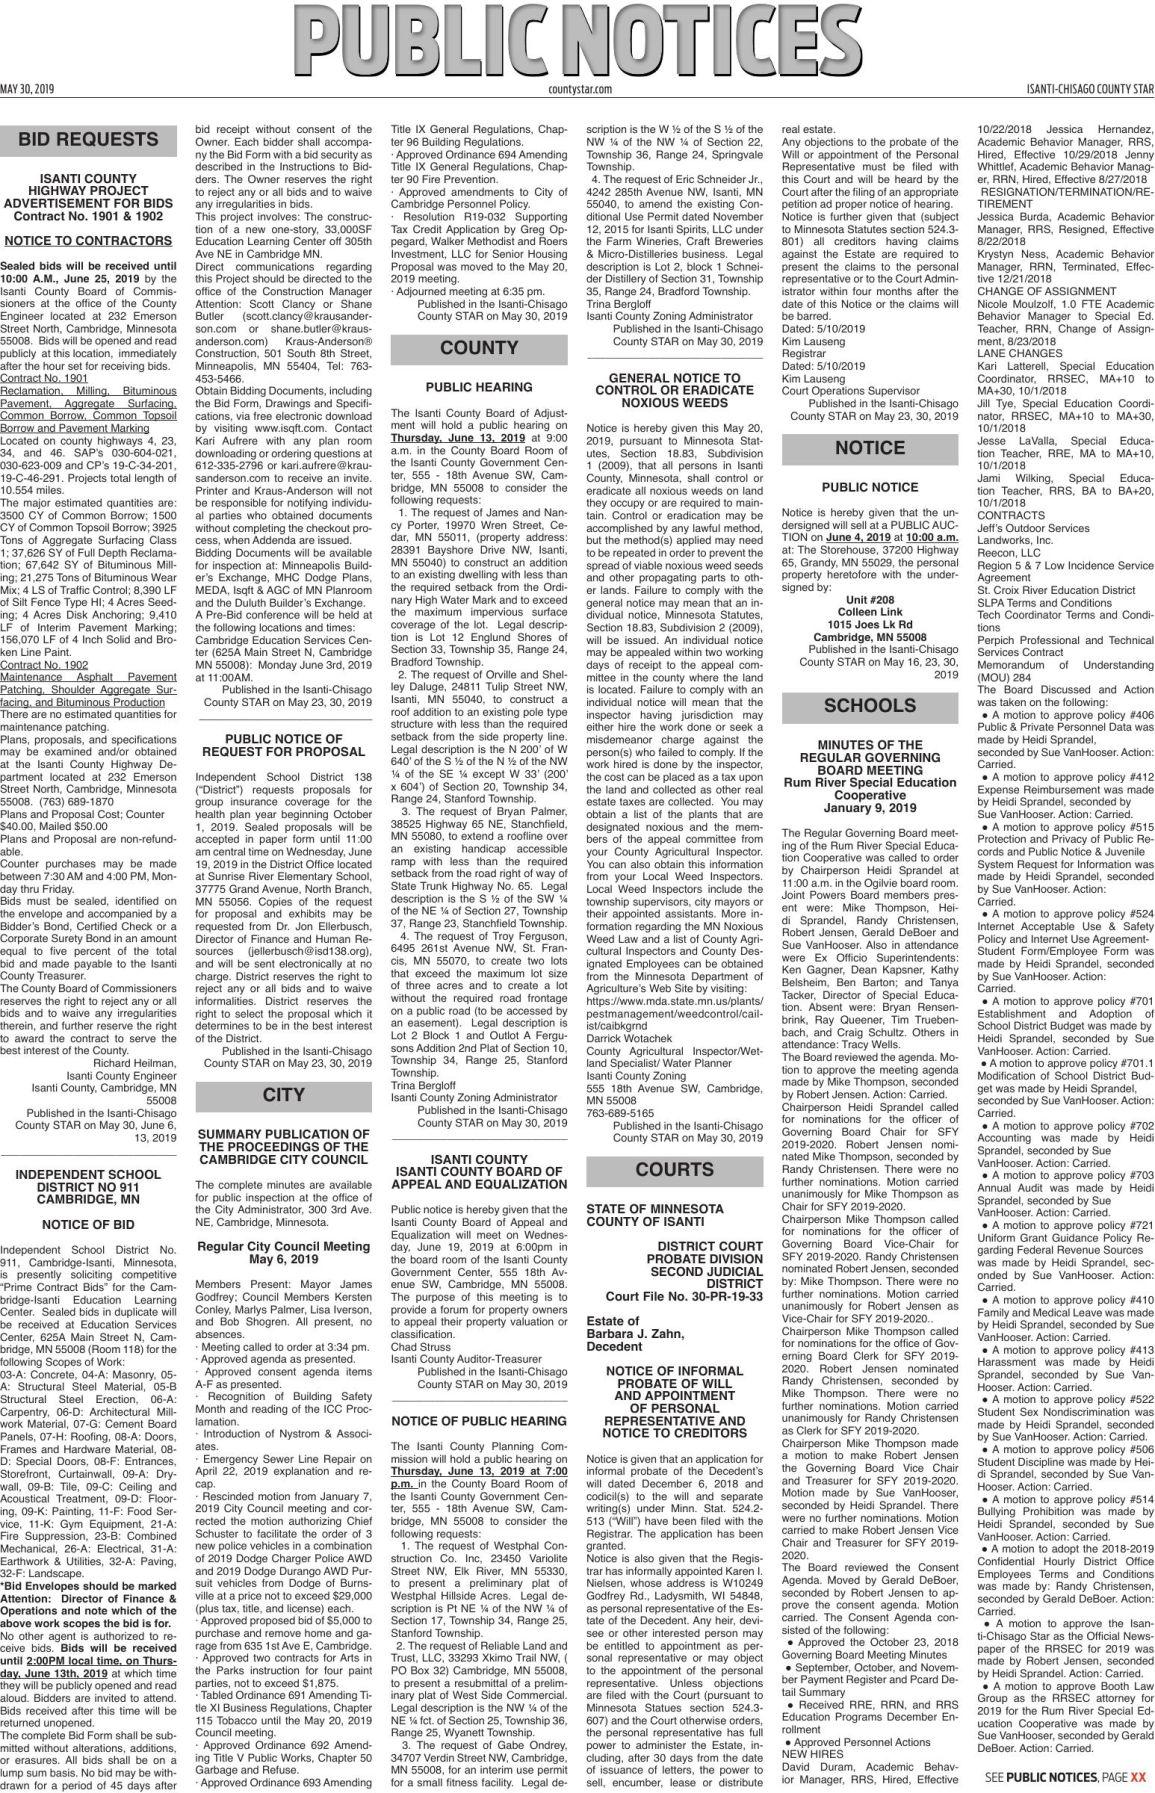 Public Notices - May 30, 2019